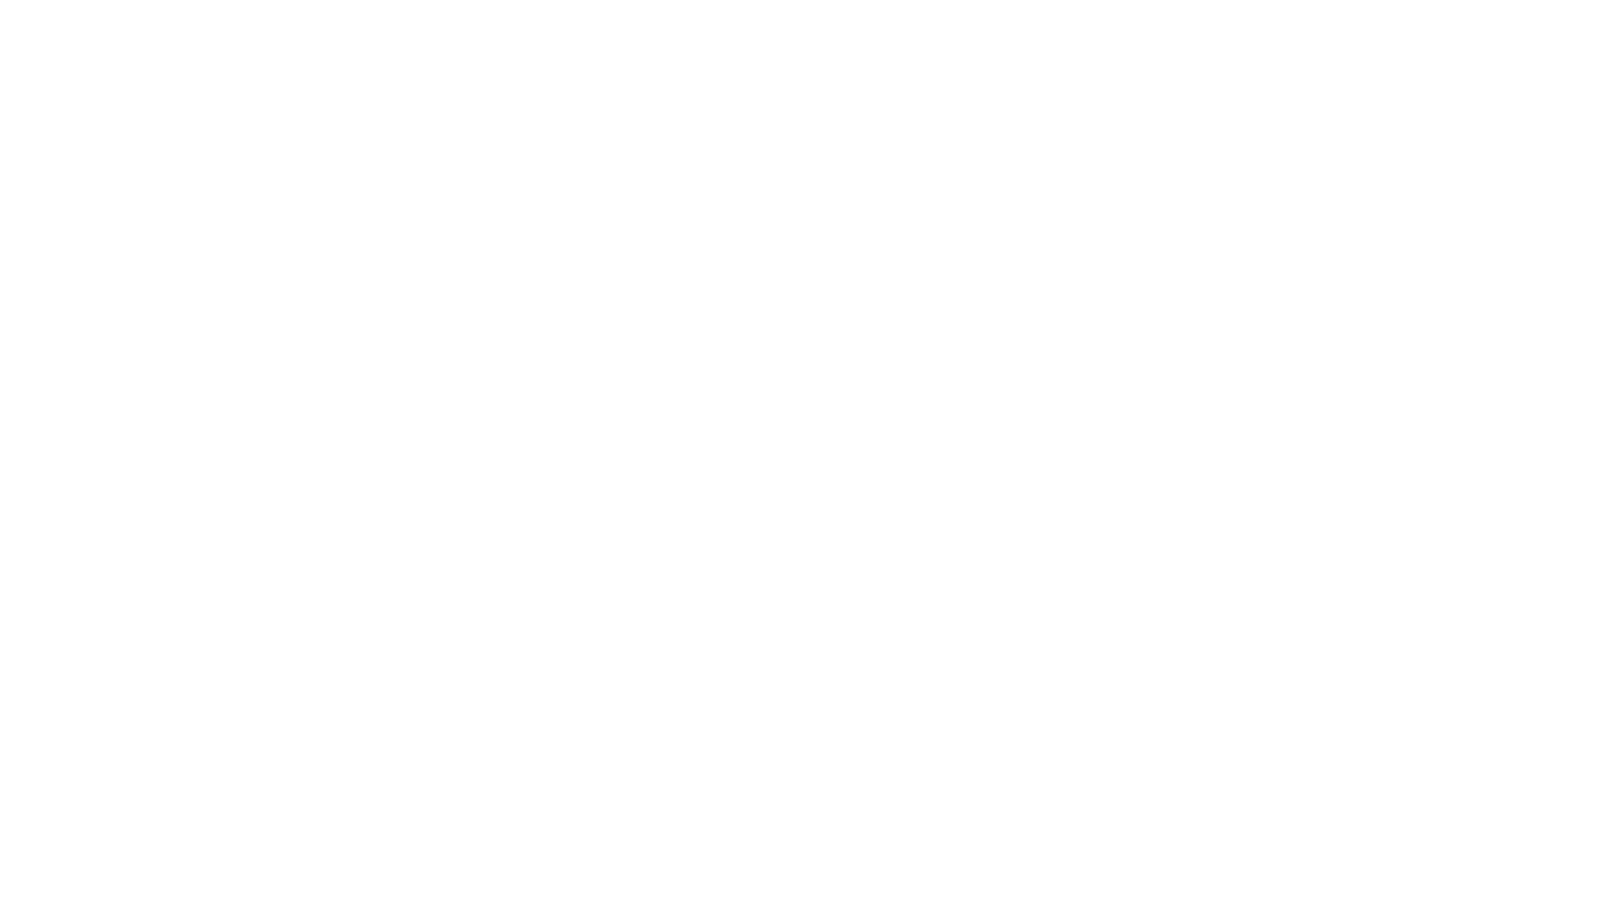 Իմ հերթական բարբառերենի շարքն այս անգամ կանգնեց Լոռվա բարբառի վրա։ Փորձեք ինձ հետ կռահել ու մեկնաբանություններում գրել ձեր տարբերակներն ու այլ բառեր։ Շատ հետքրքիր կլինի։  Հաճելի դիտում :)  ________________ SUBSCRIBE  ► Instagram-https://www.instagram.com/_sira_verse Facebook-https://www.facebook.com/siraverse/ My website- www.siraverse.com  📧 Contact me- siraverse@gmail.com